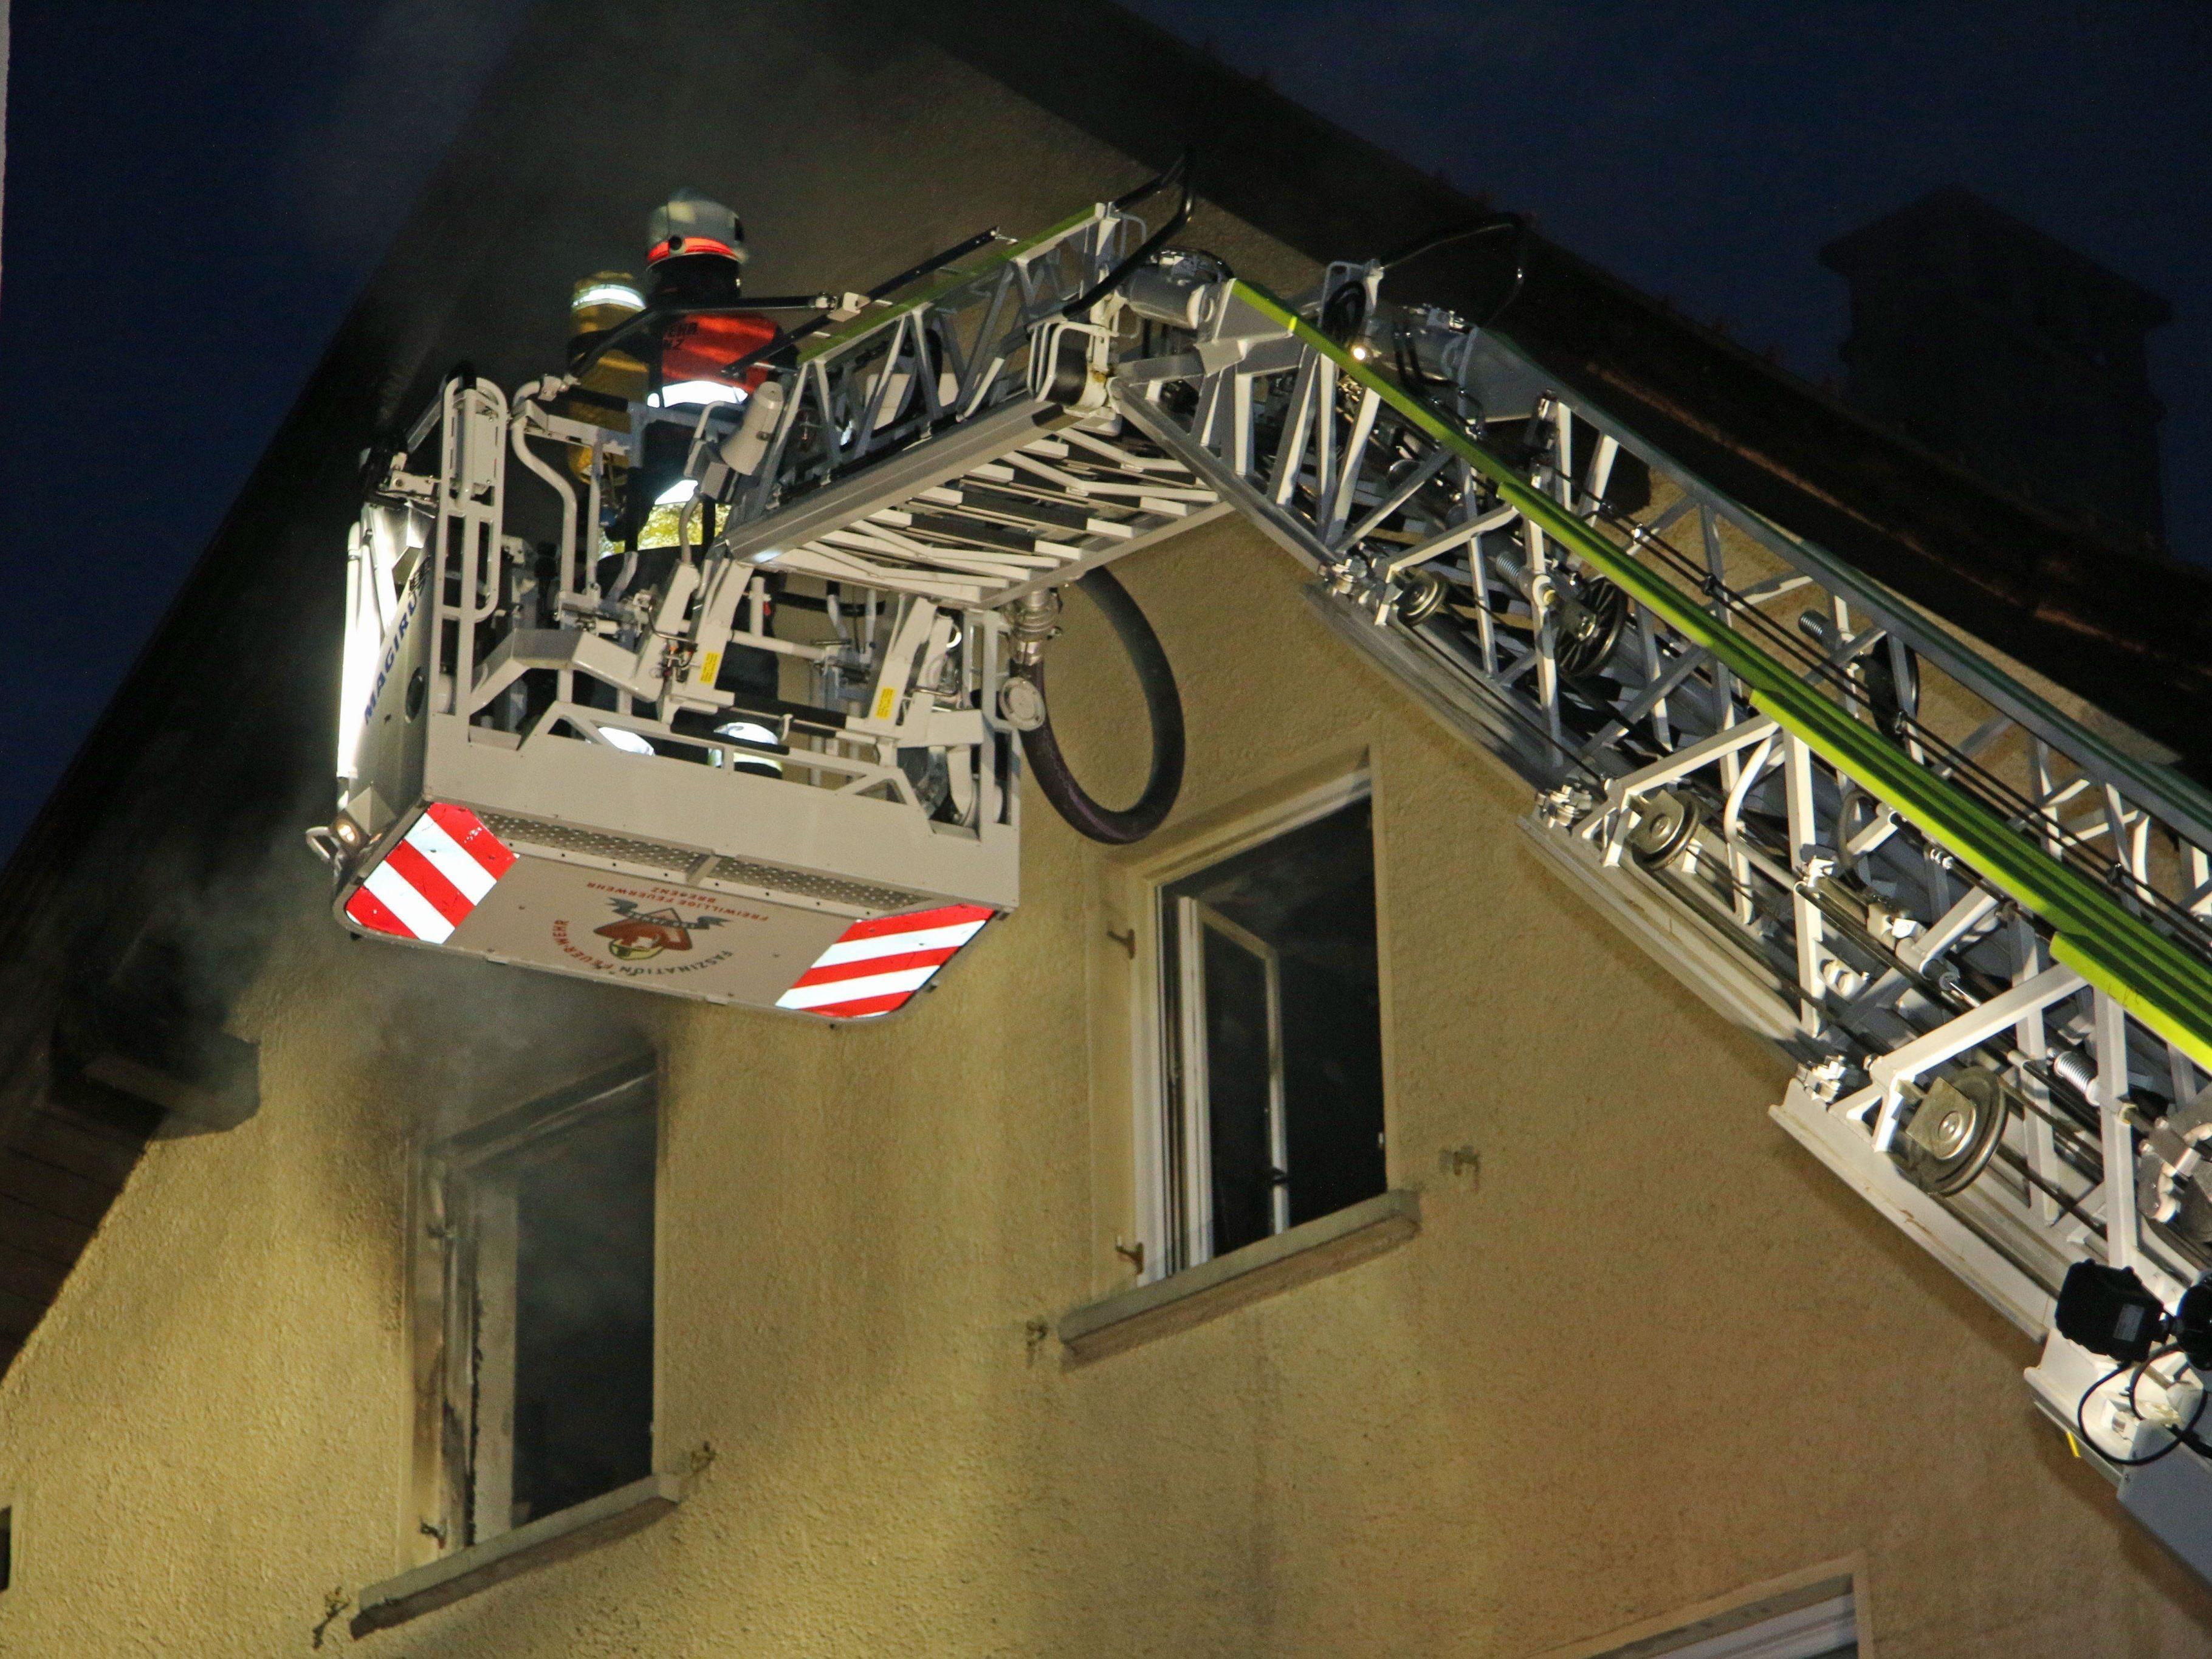 Ein Großaufgebot der Feuerwehr bekämpfte den Brand am Samstag im Bregenzer Zentrum.